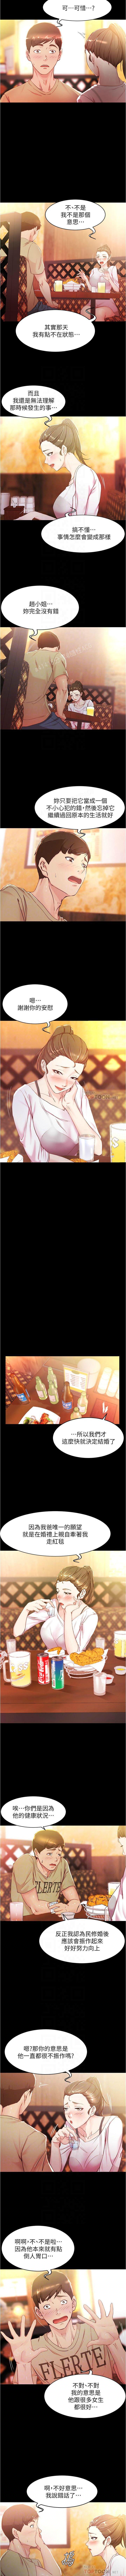 panty note 小褲褲筆記 小裤裤笔记 01-35 连载中 中文 重新排序 Reorder 170